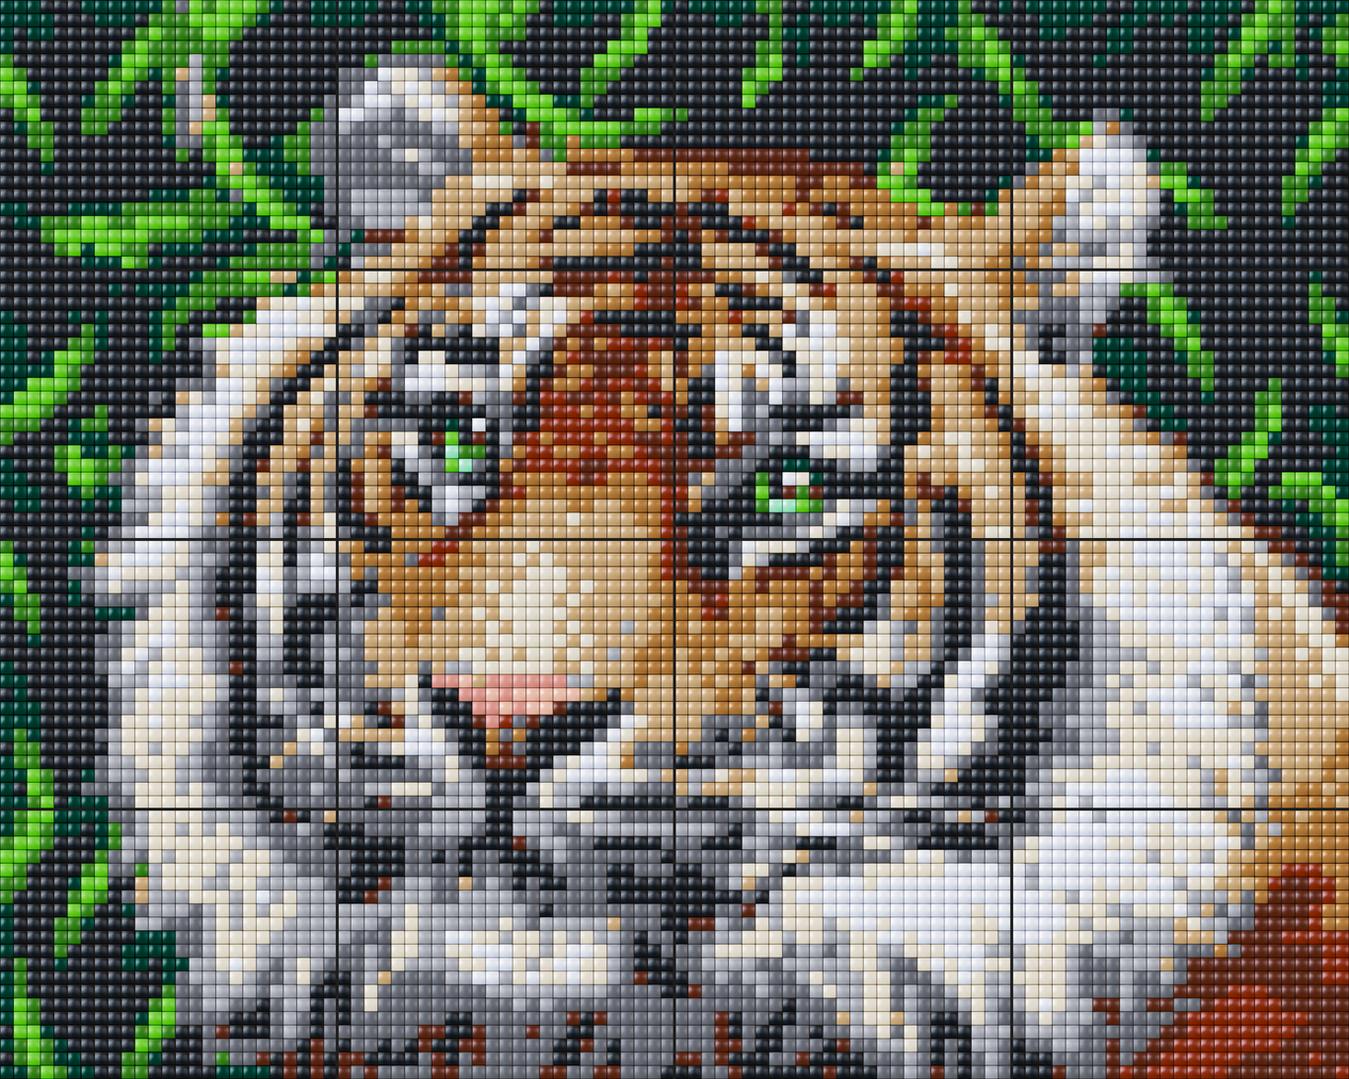 Tiger_Animals_Liz_4x4L_80x100_XL.png